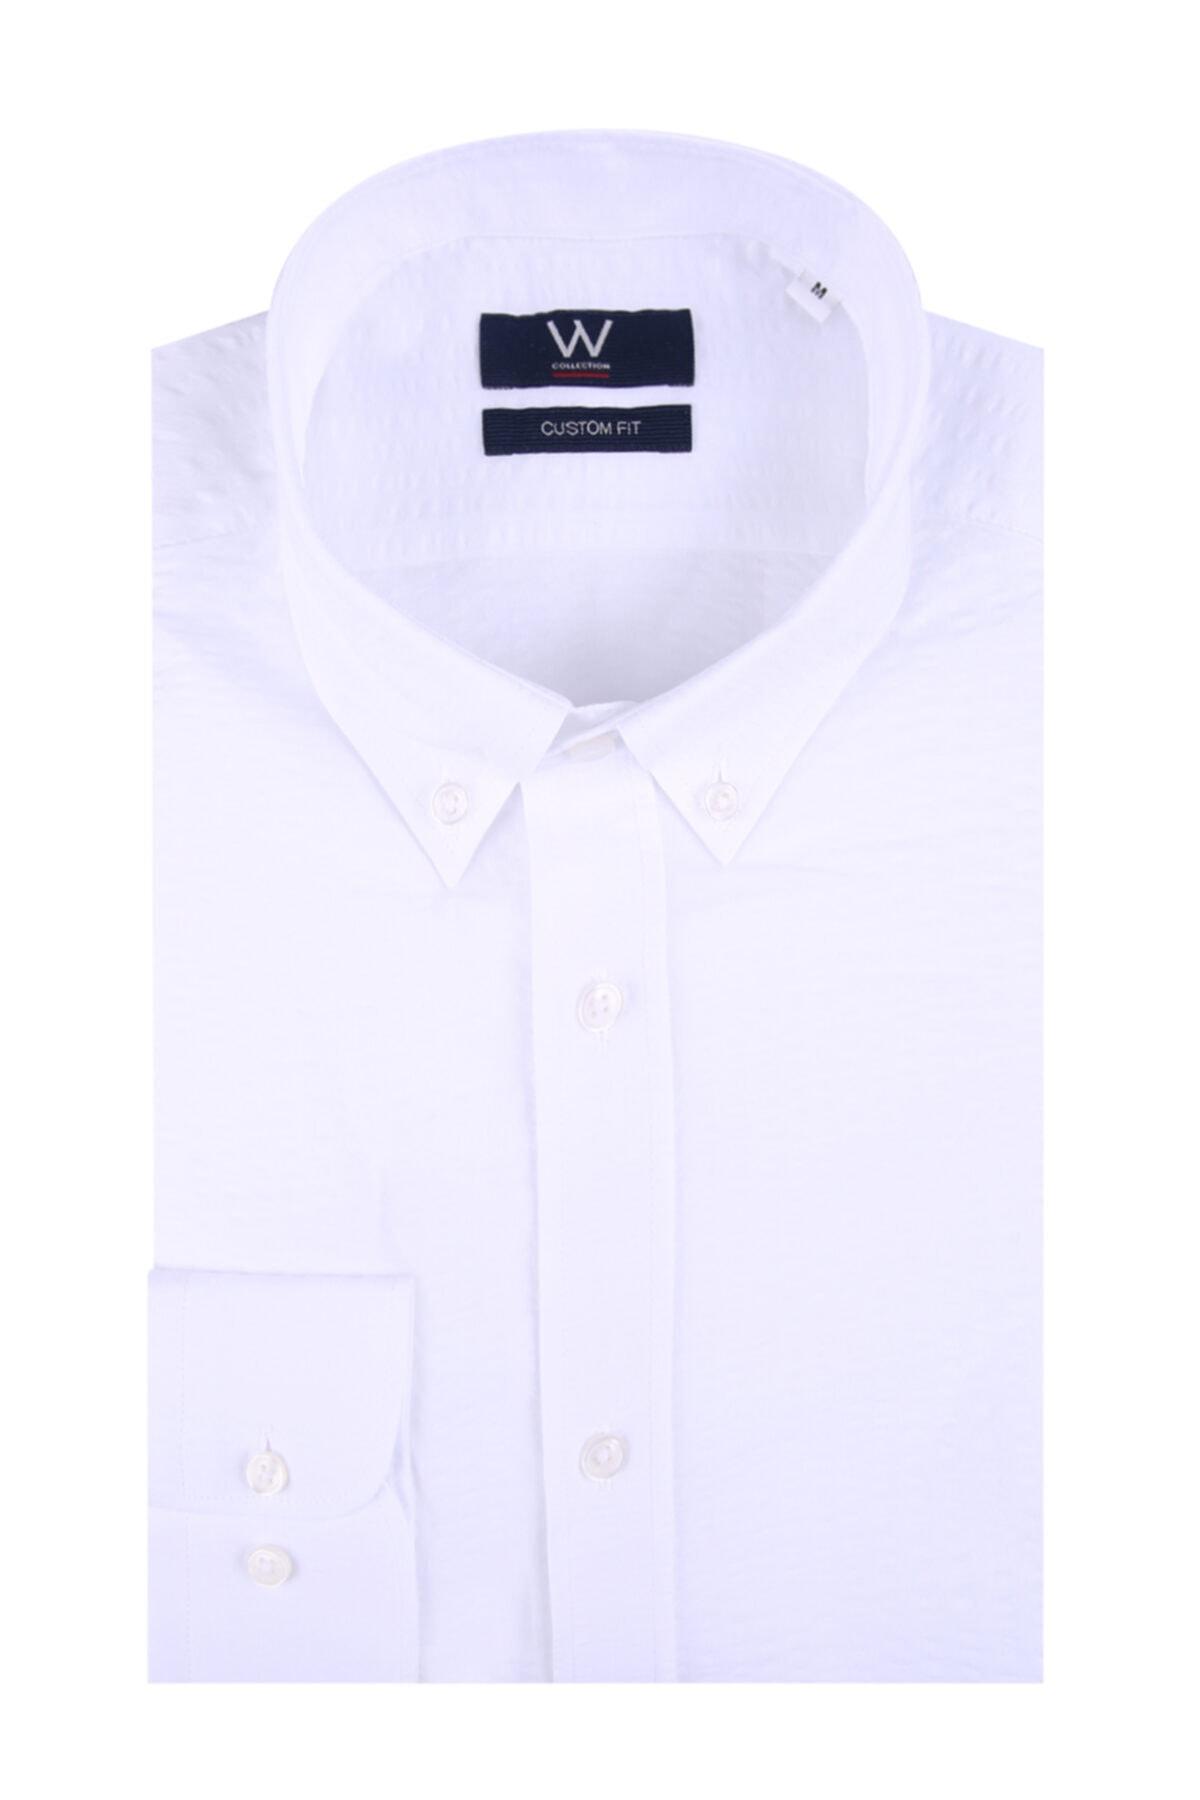 W Collection Beyaz Seer Sucker Gömlek 1